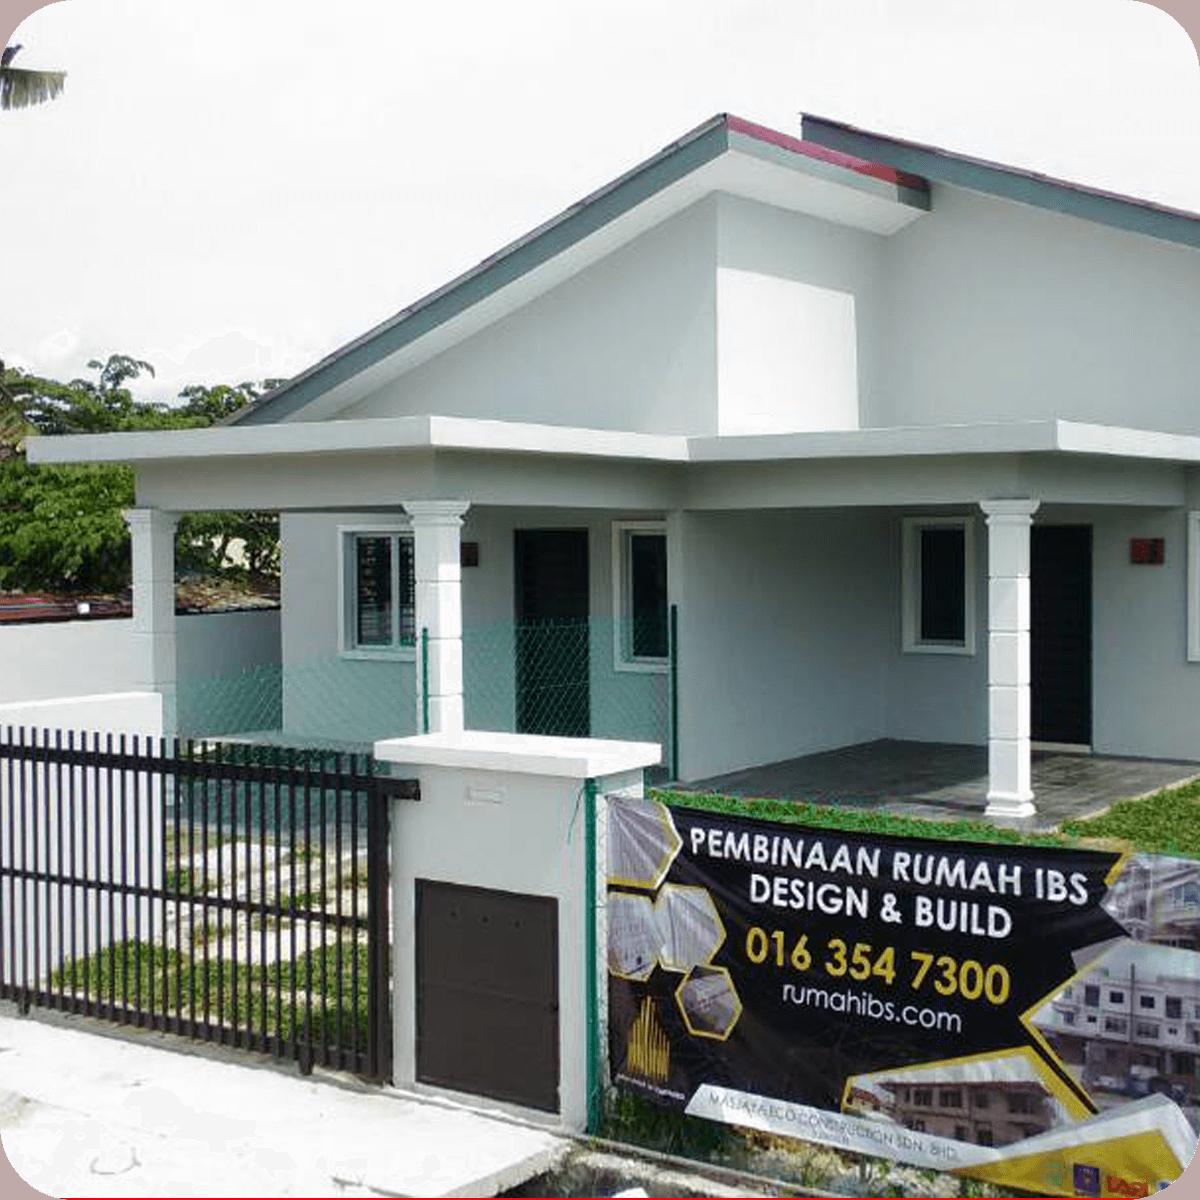 Rumah IBS   Kontraktor Bina Rumah IBS (LPPSA, KWSP & Tunai) 12